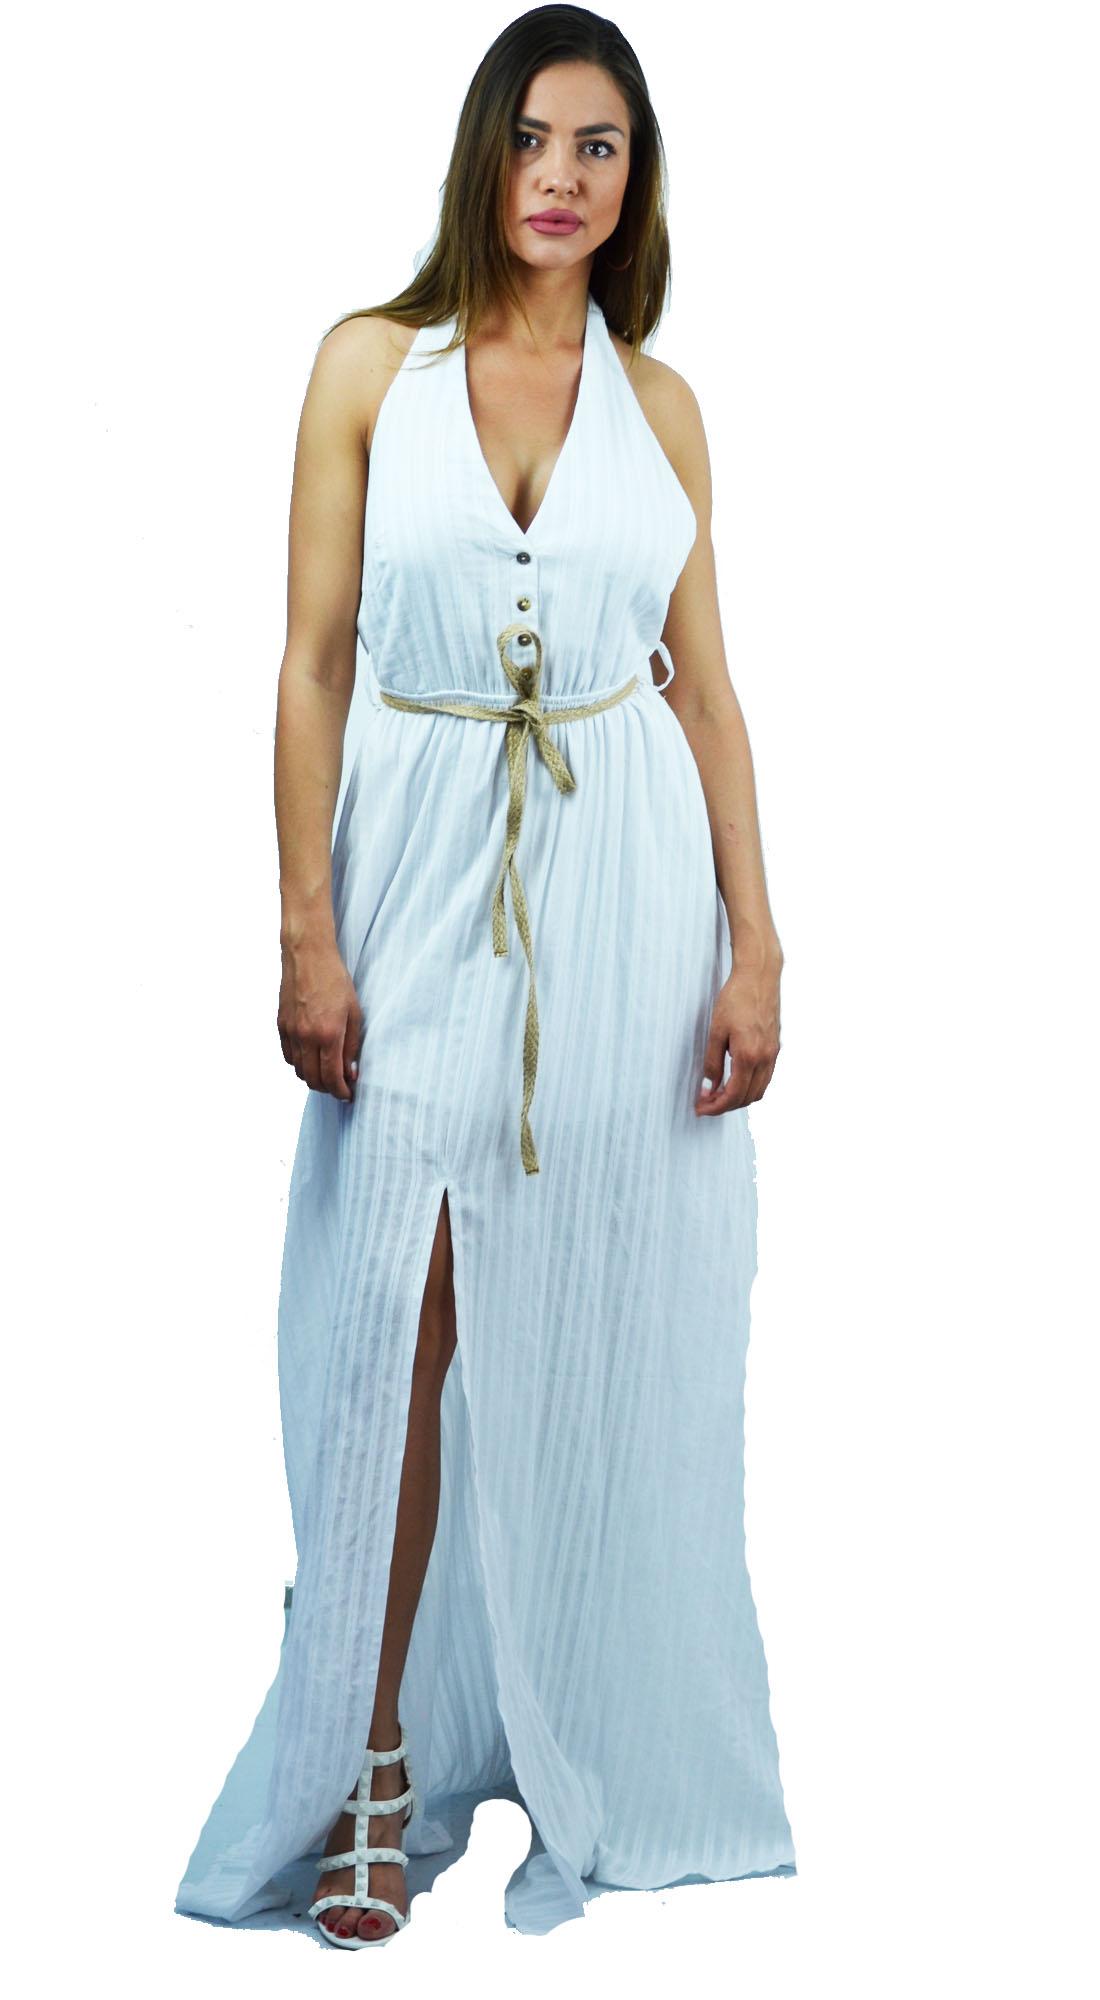 Μάξι Έθνικ Φόρεμα με ζώνη στην μέση και Λάστιχο στην Μέση - LOVE ME - S17LV-5317 glam occassions wedding shop